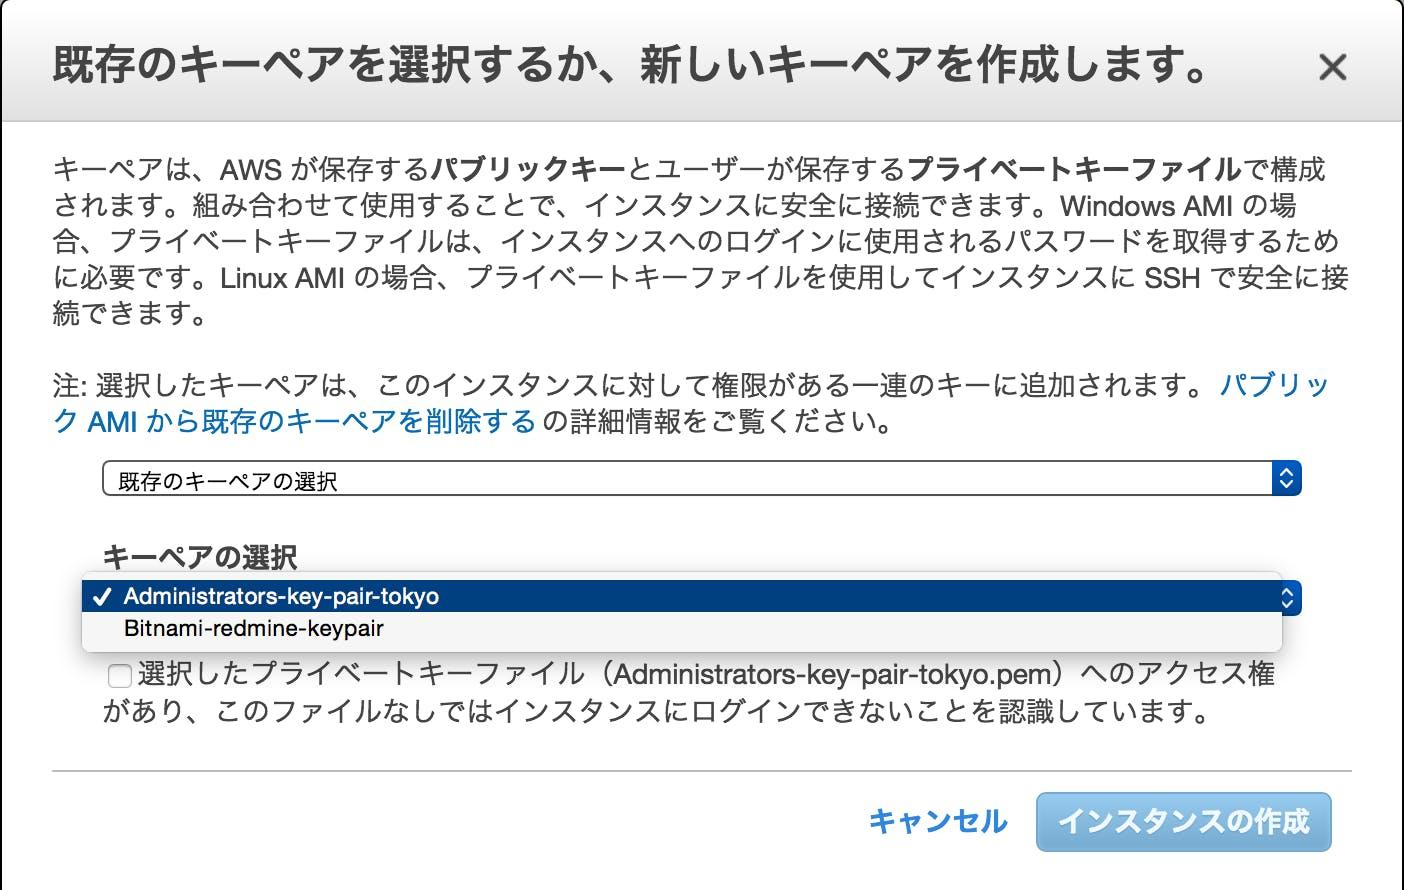 スクリーンショット 2015-07-14 21.08.51.png